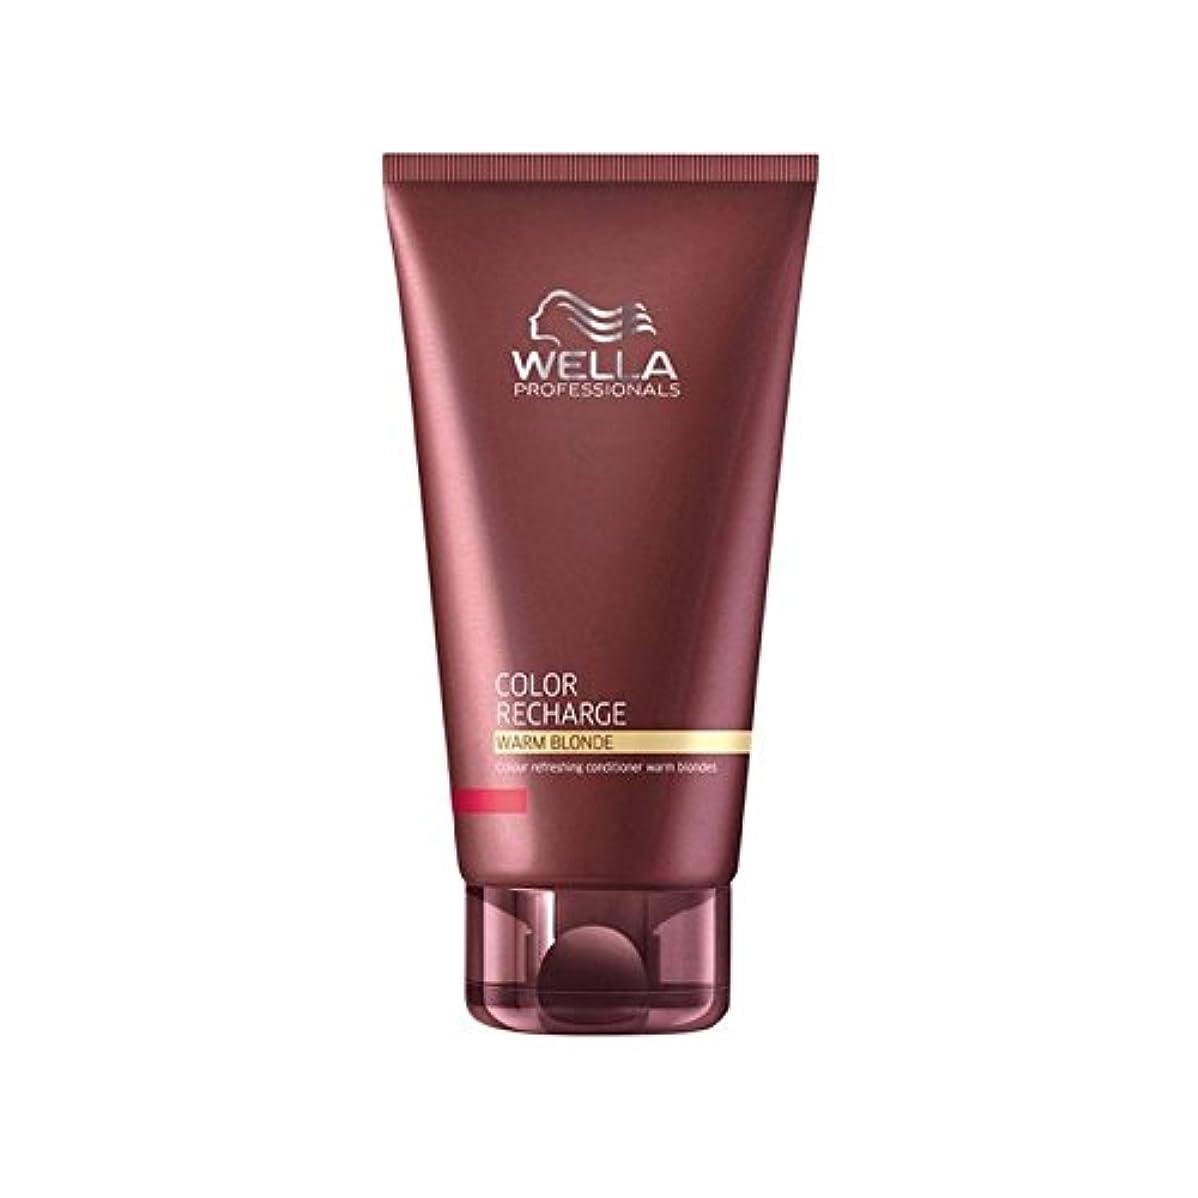 ユーモラススクラップ政権ウエラ専門家のカラー再充電コンディショナー暖かいブロンド(200ミリリットル) x2 - Wella Professionals Color Recharge Conditioner Warm Blonde (200ml...